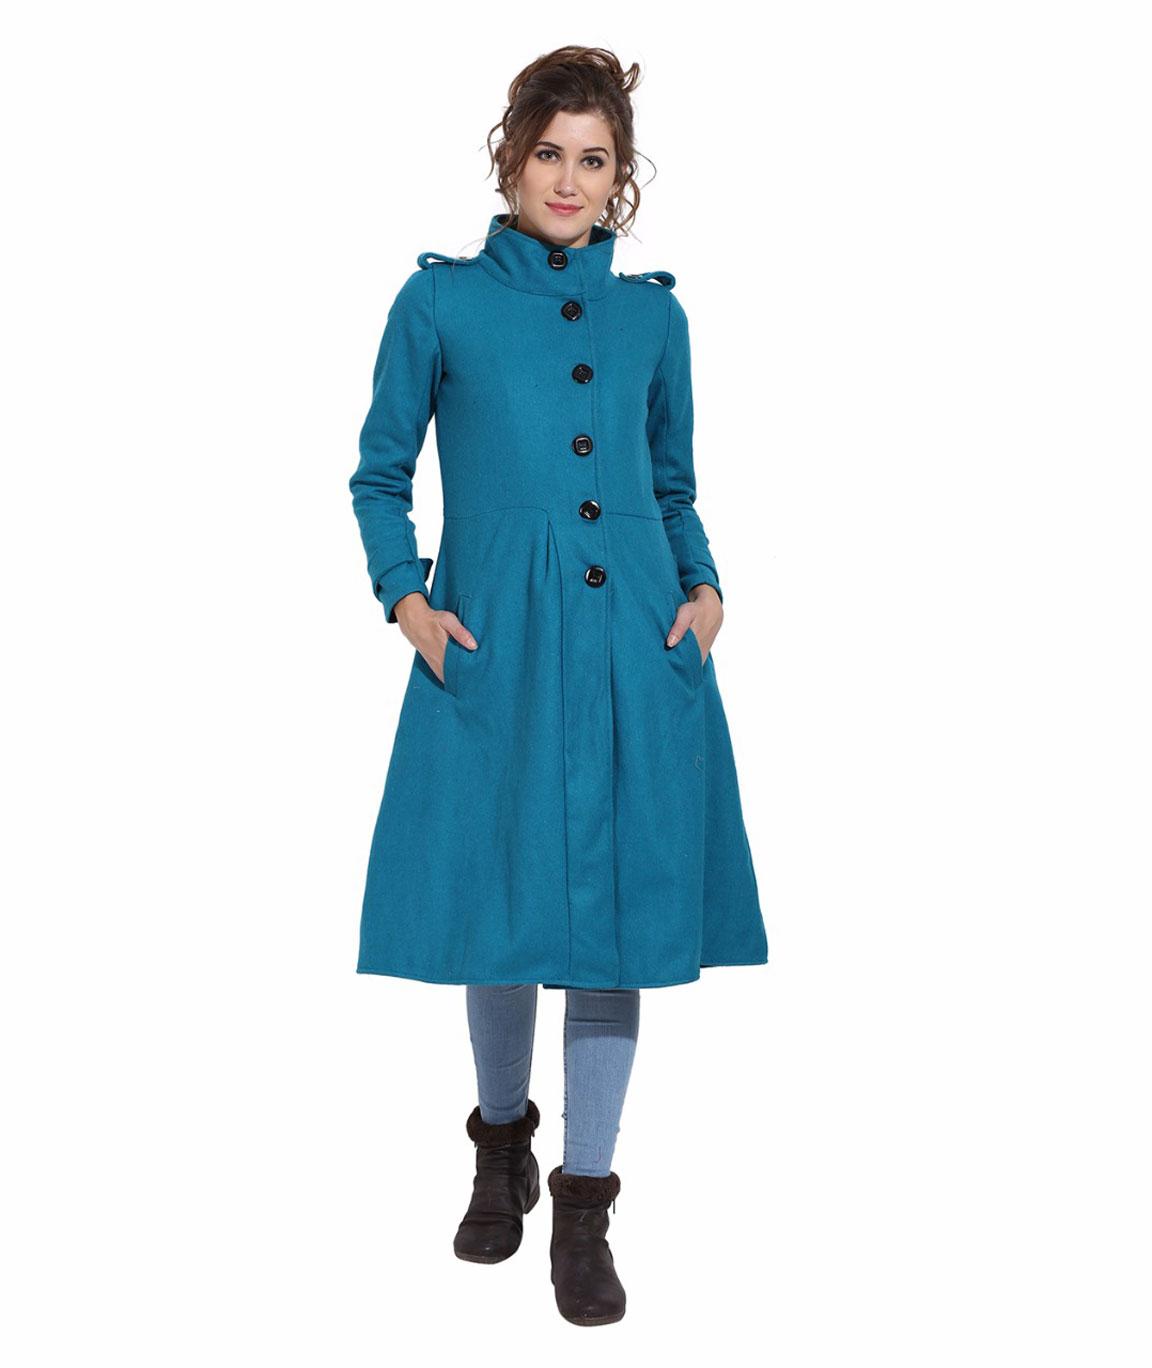 FAZZN Long Woolen Coats(Turquoise)